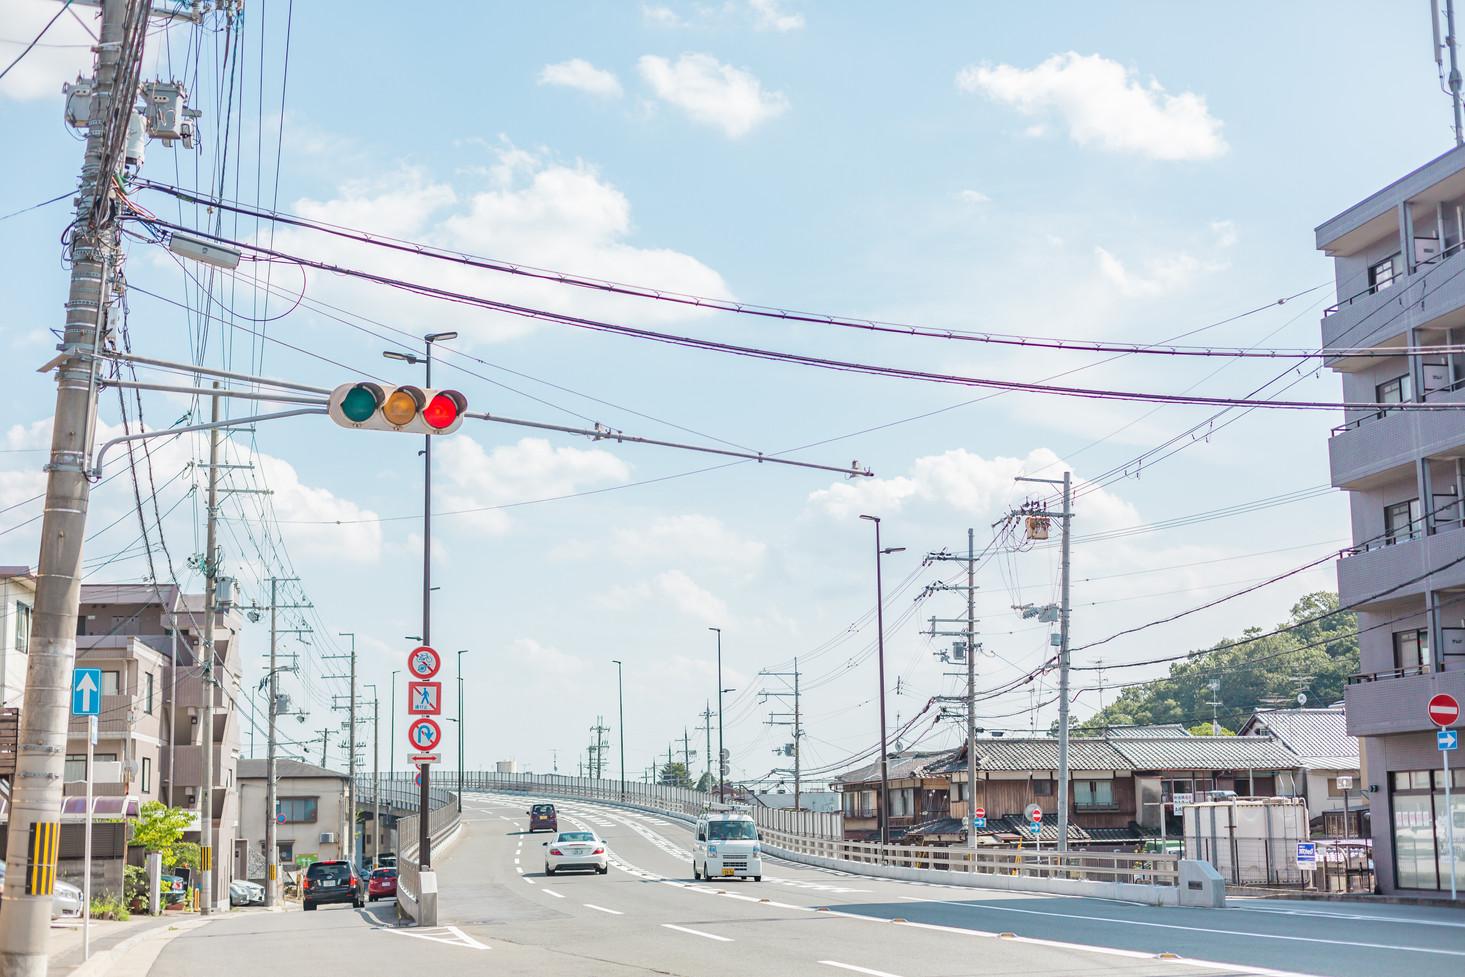 Crossroad at Takaragaike, Kyoto